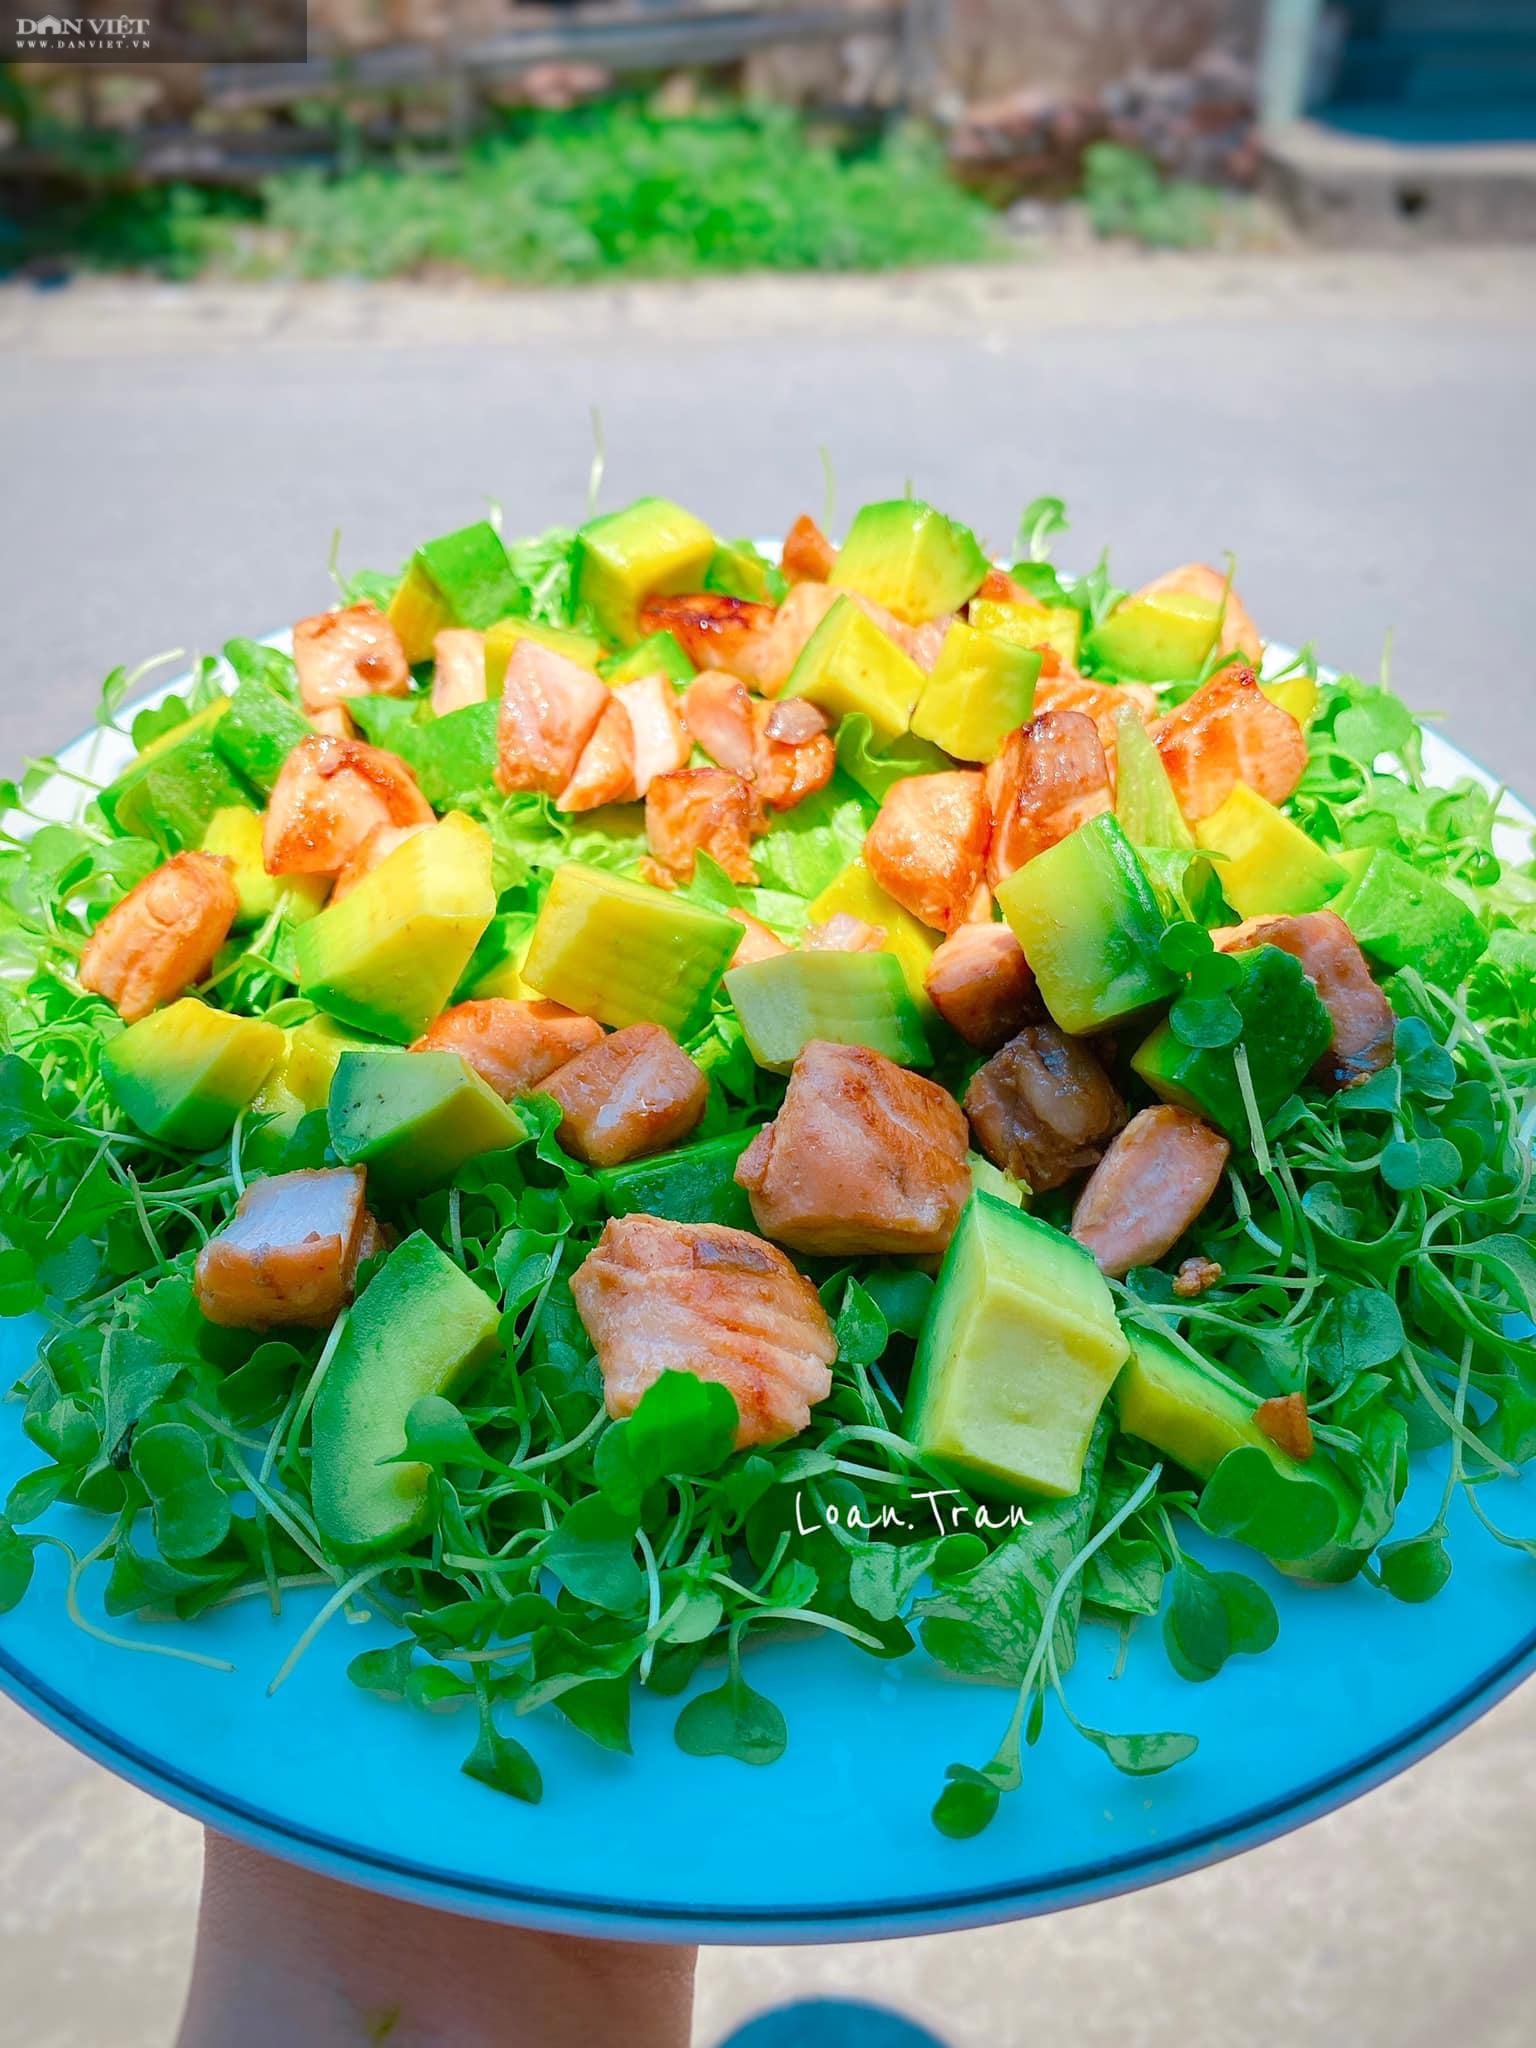 Gợi ý 11 món salad đẹp da, đẹp dáng cho chị em - Ảnh 9.